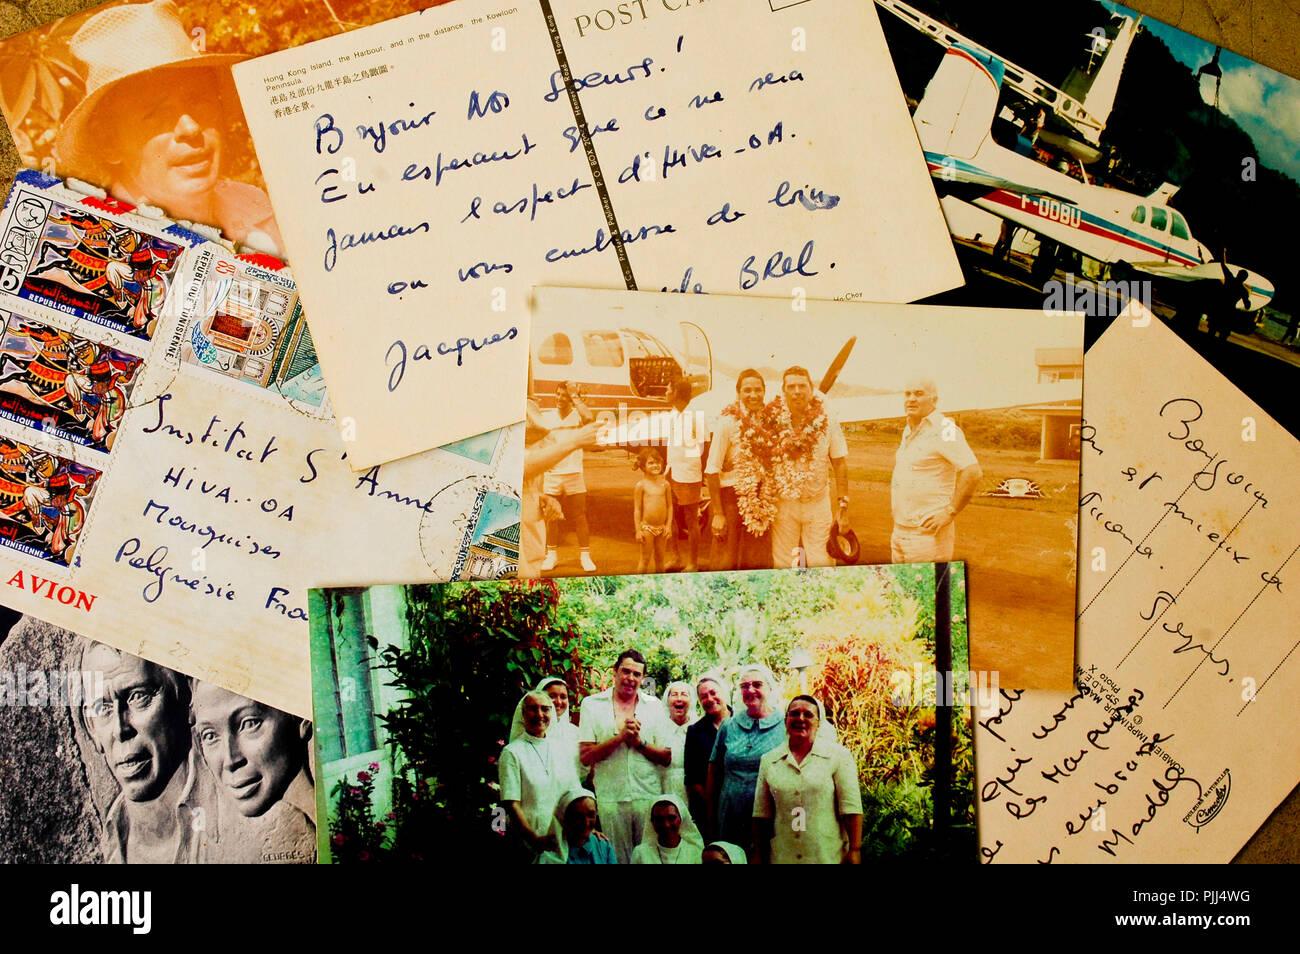 JACQUES BREL Postcard France